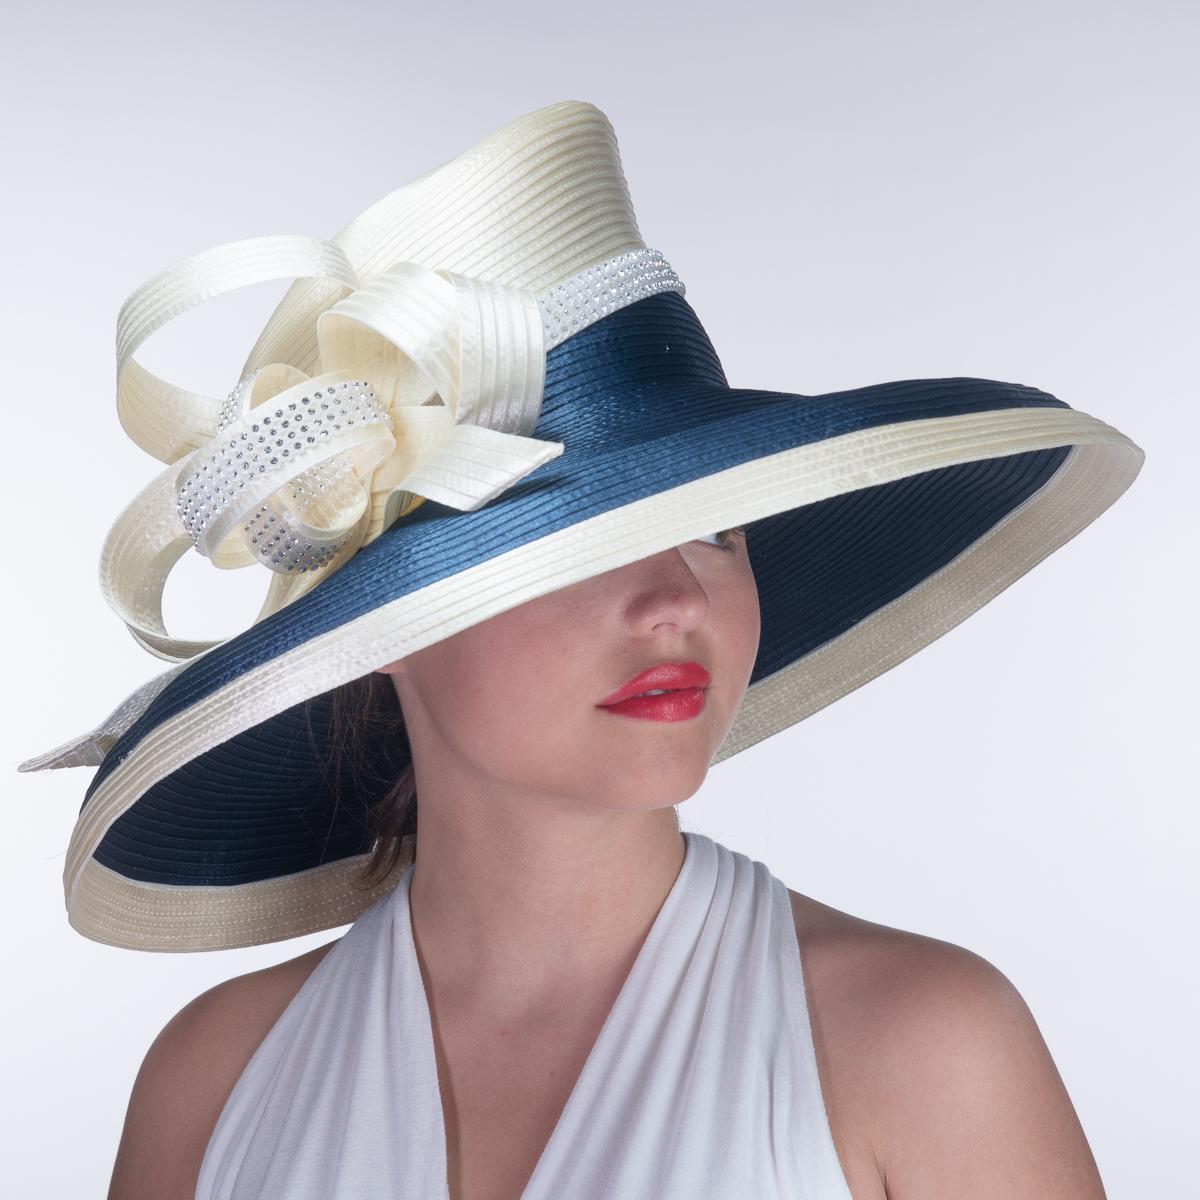 4eb0163f Off White / Navy Satin Flat Crown Wide Brim Hats-AJ590Y-OFFWT.NV ...